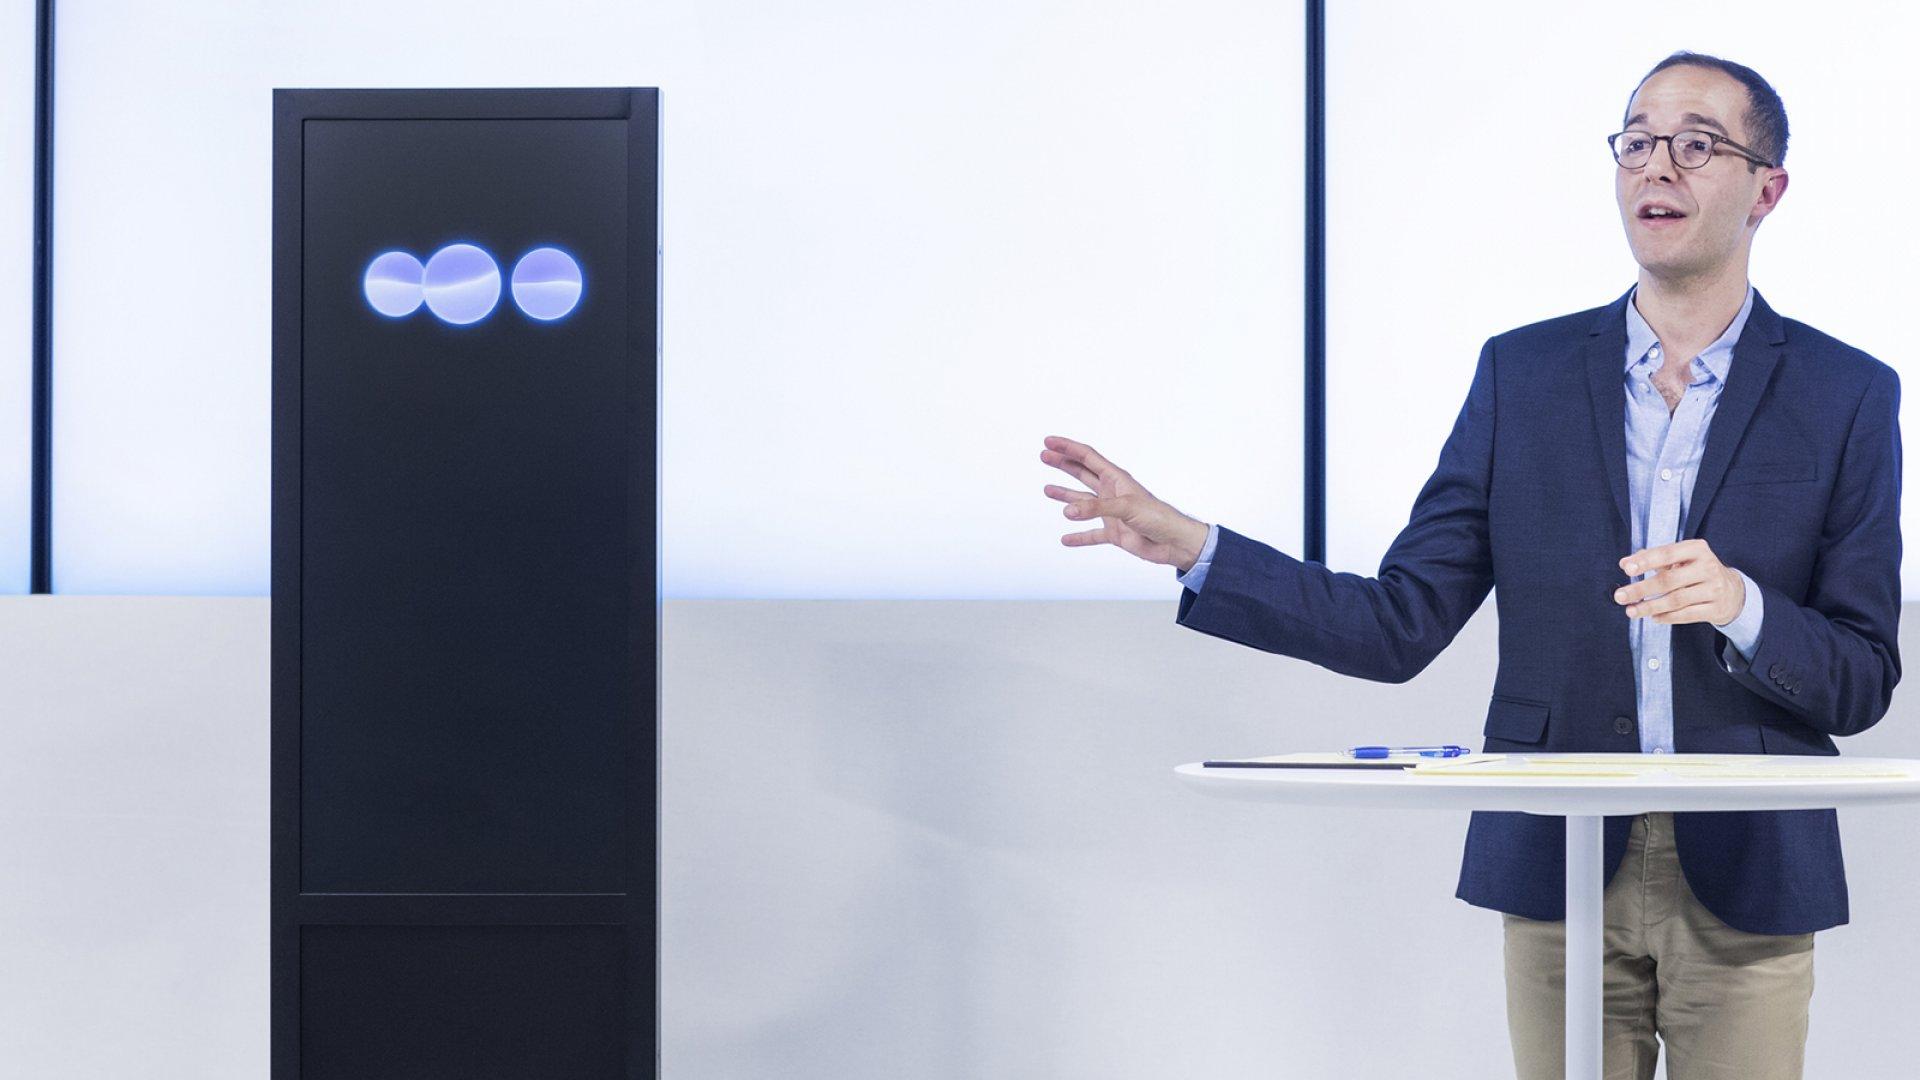 IBM Project Debator and debating champion Dan Zafrir.